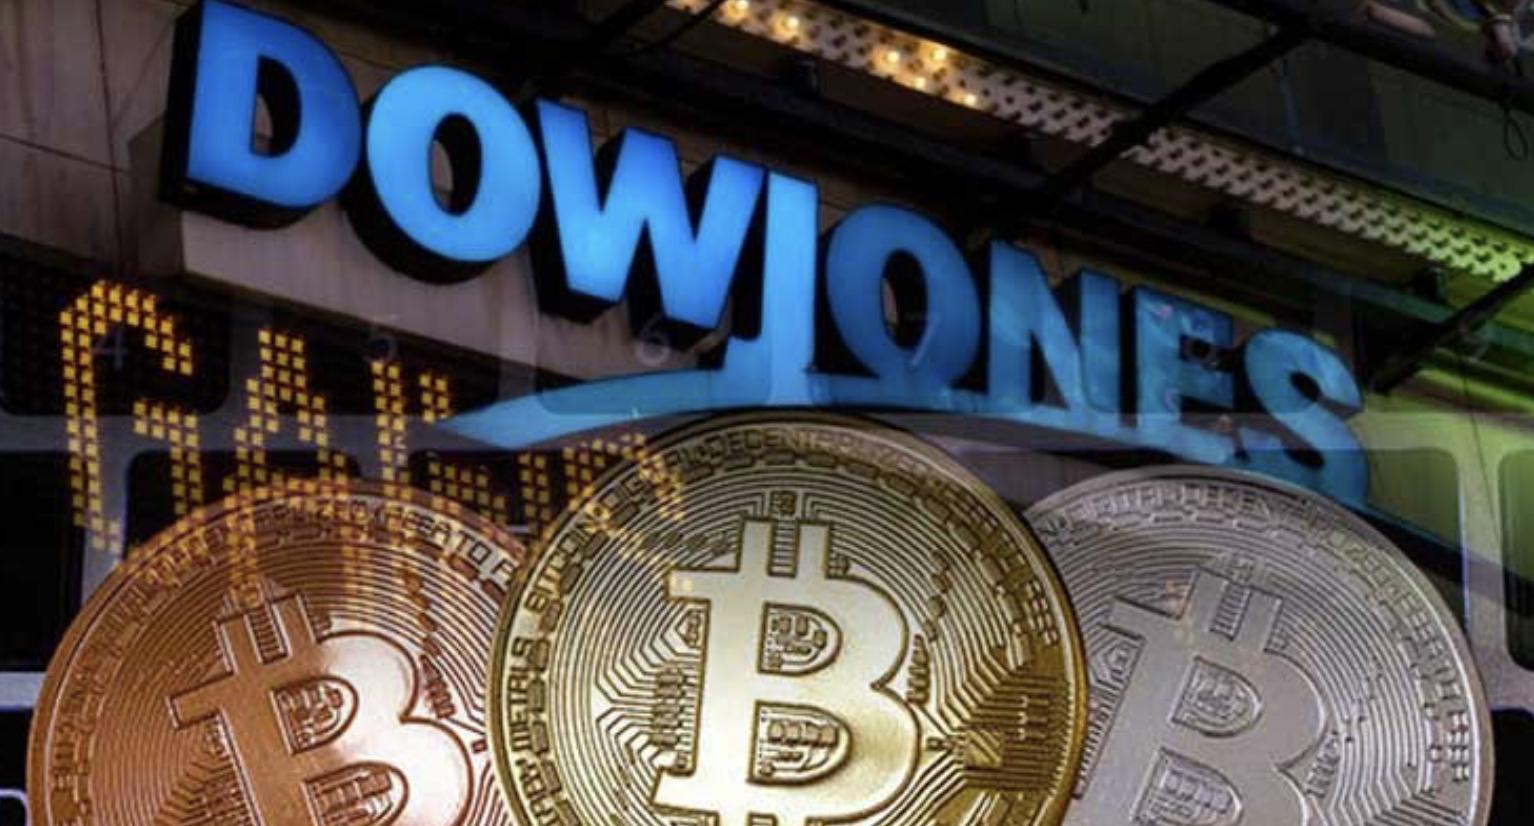 Dow jones bitcoin iliski